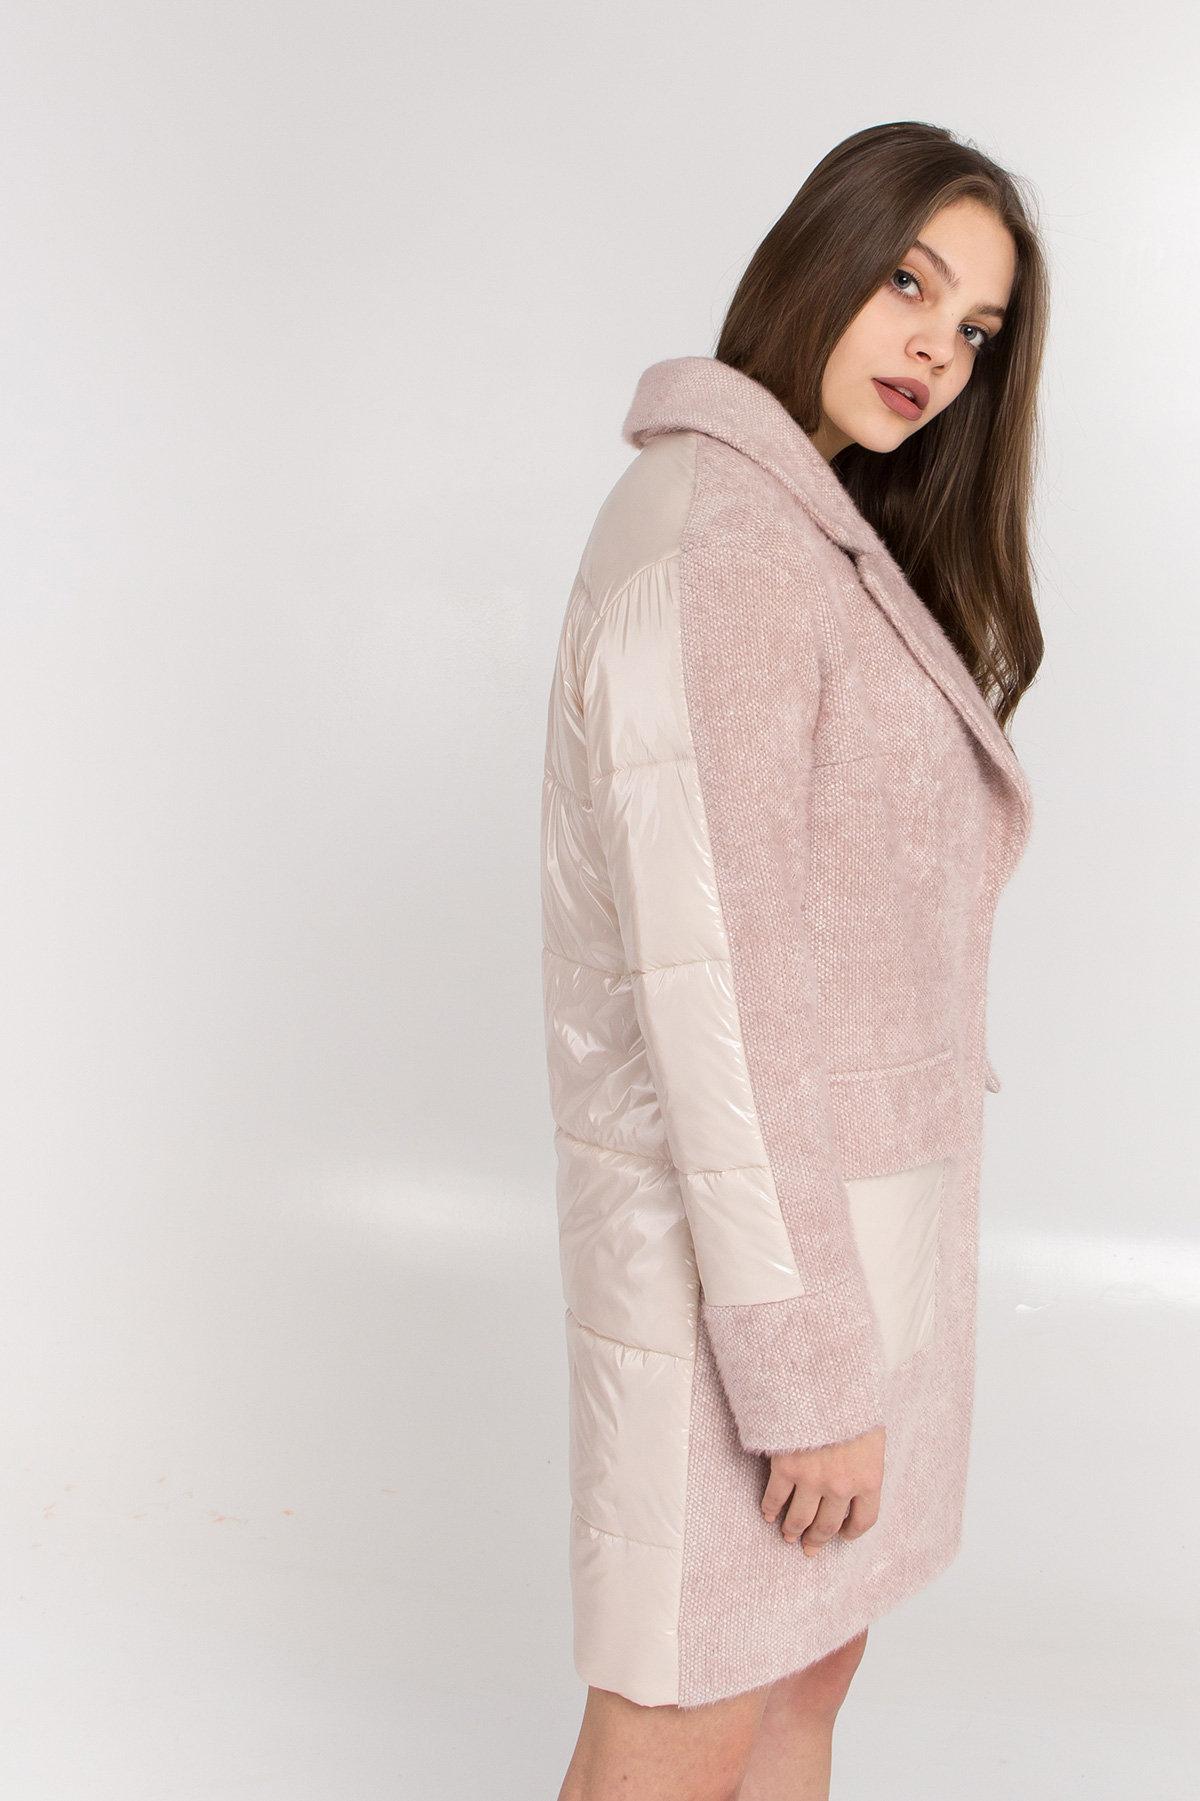 Комбинированное пальто Монклер 8884 АРТ. 45205 Цвет: Пудра/молоко - фото 6, интернет магазин tm-modus.ru